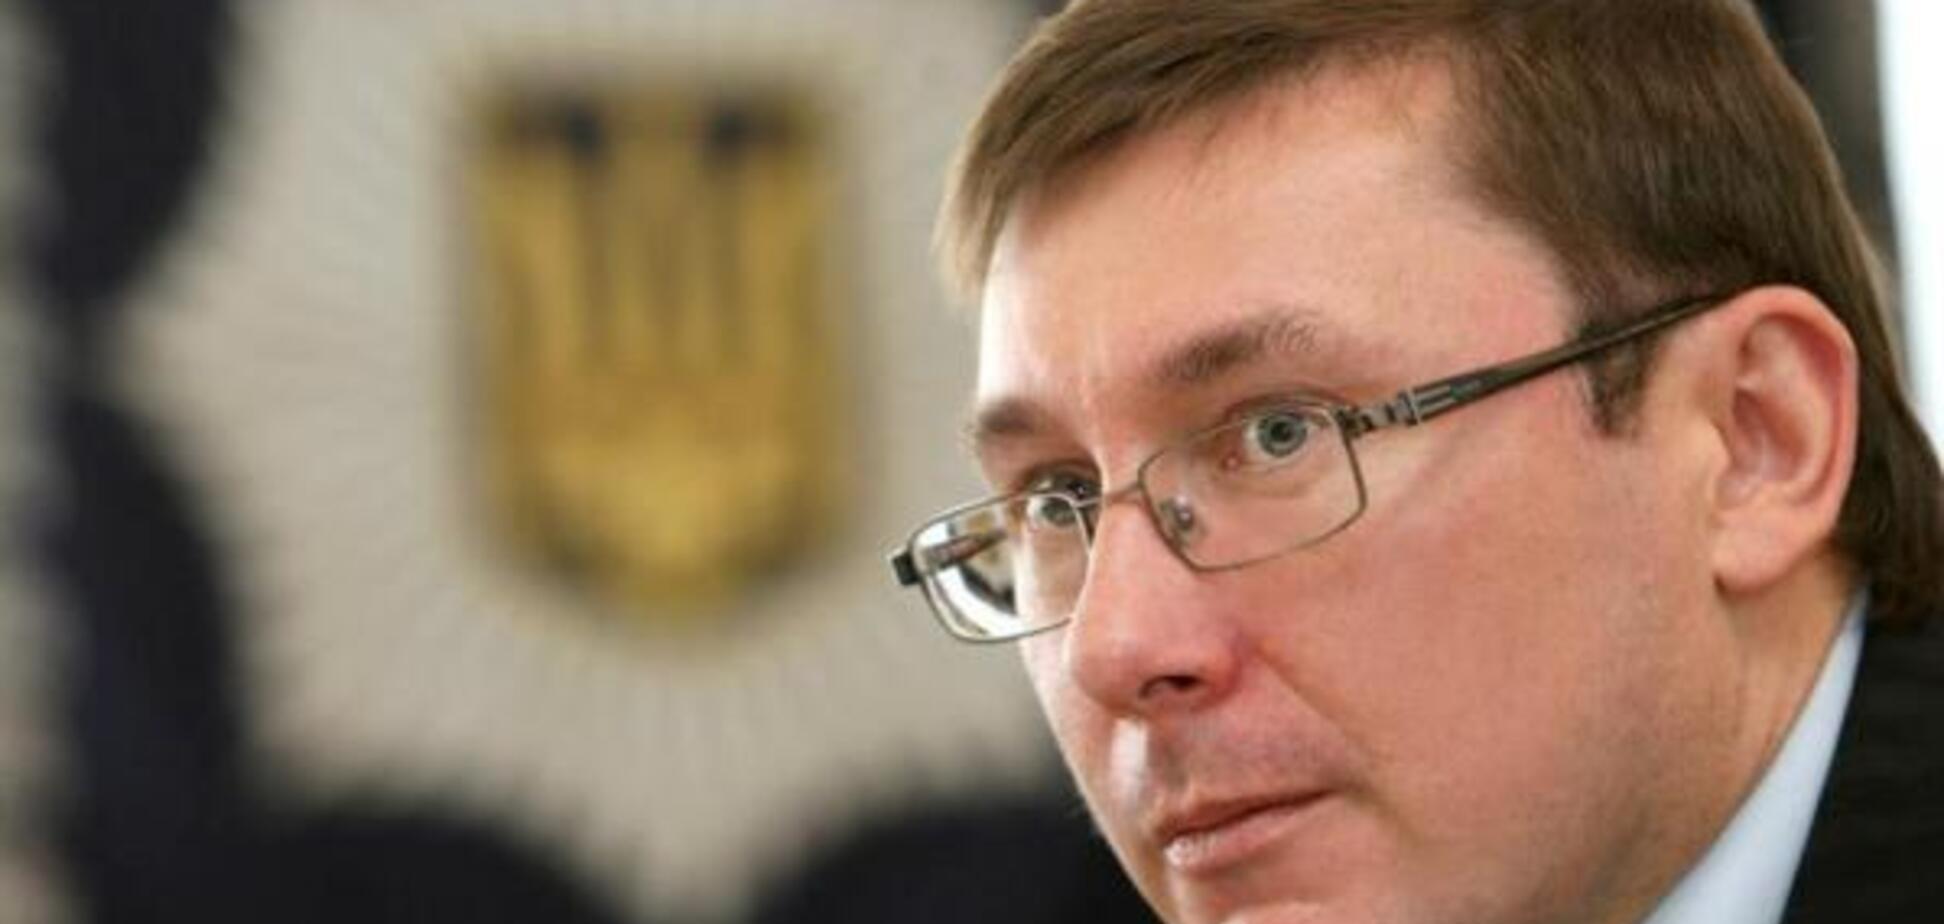 НАБУ взялось за Луценко: в чем обвиняет